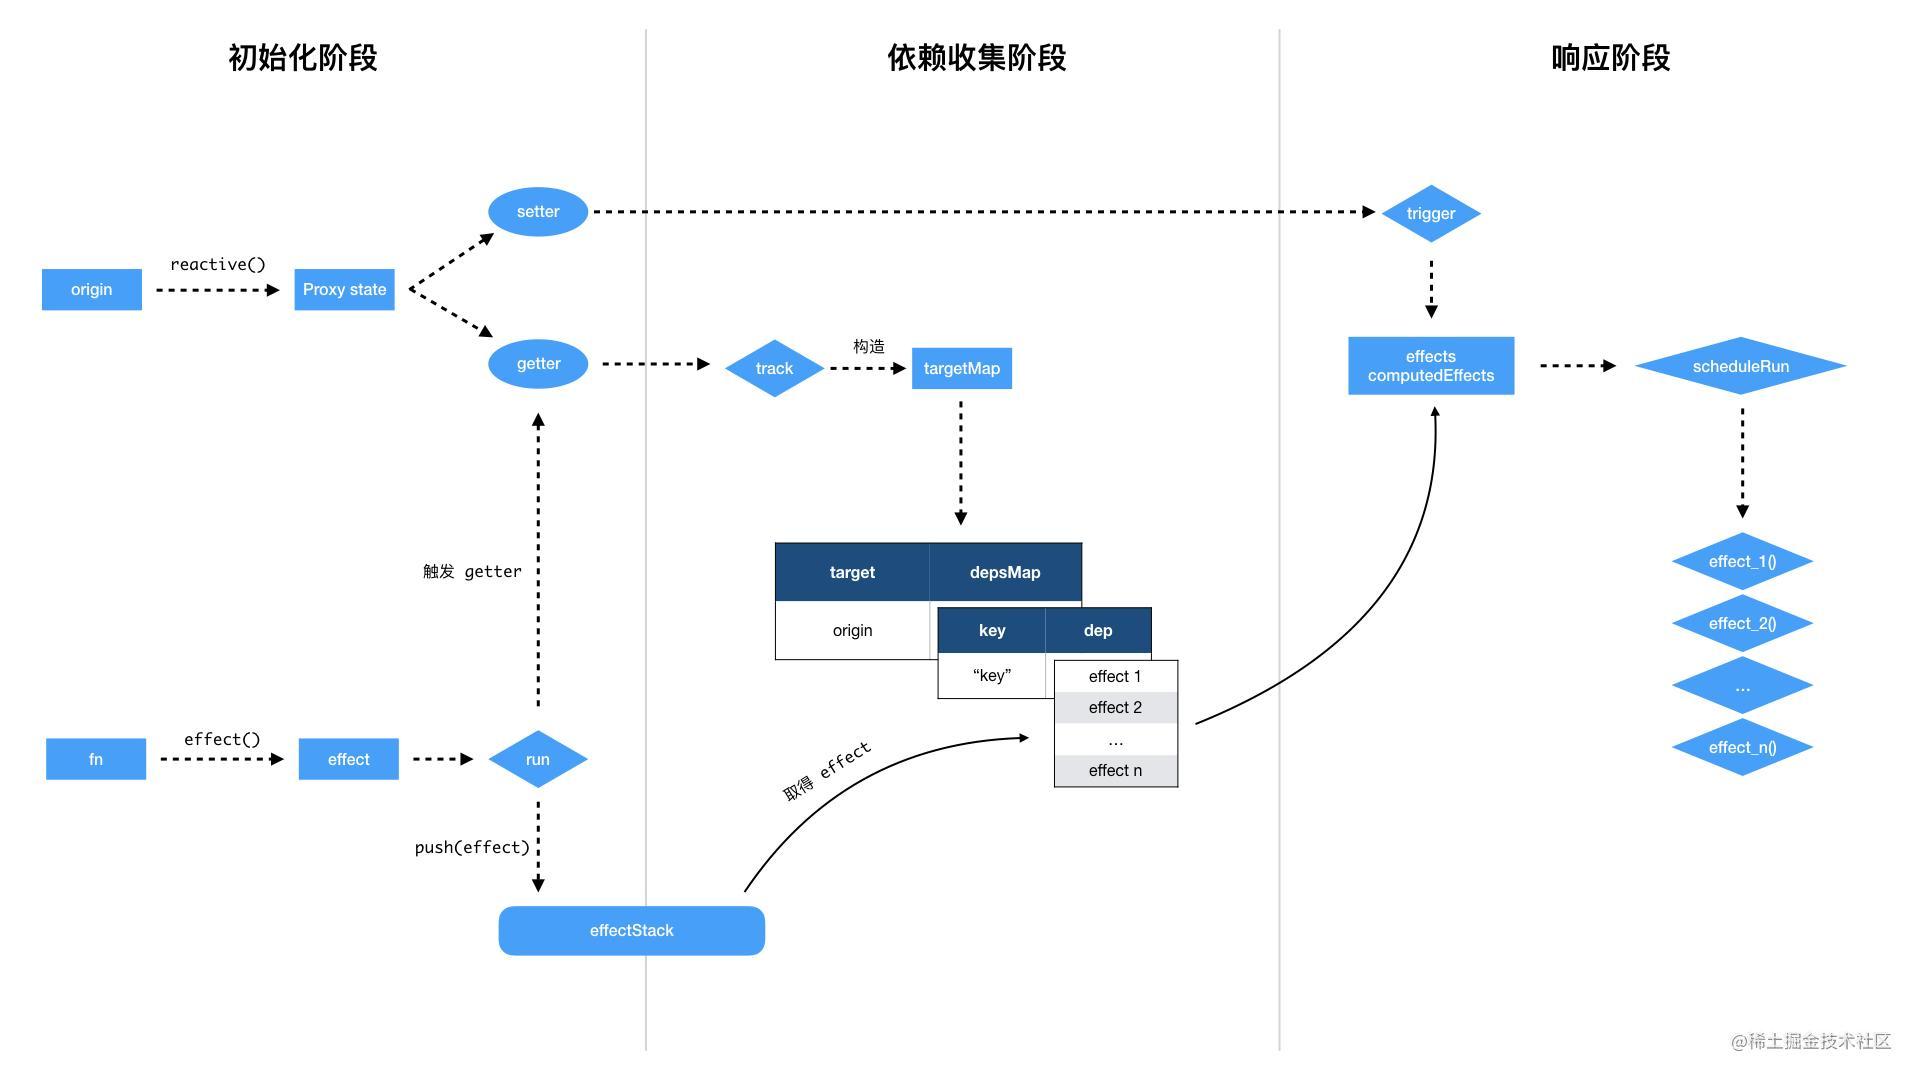 vue 3 响应式系统原理